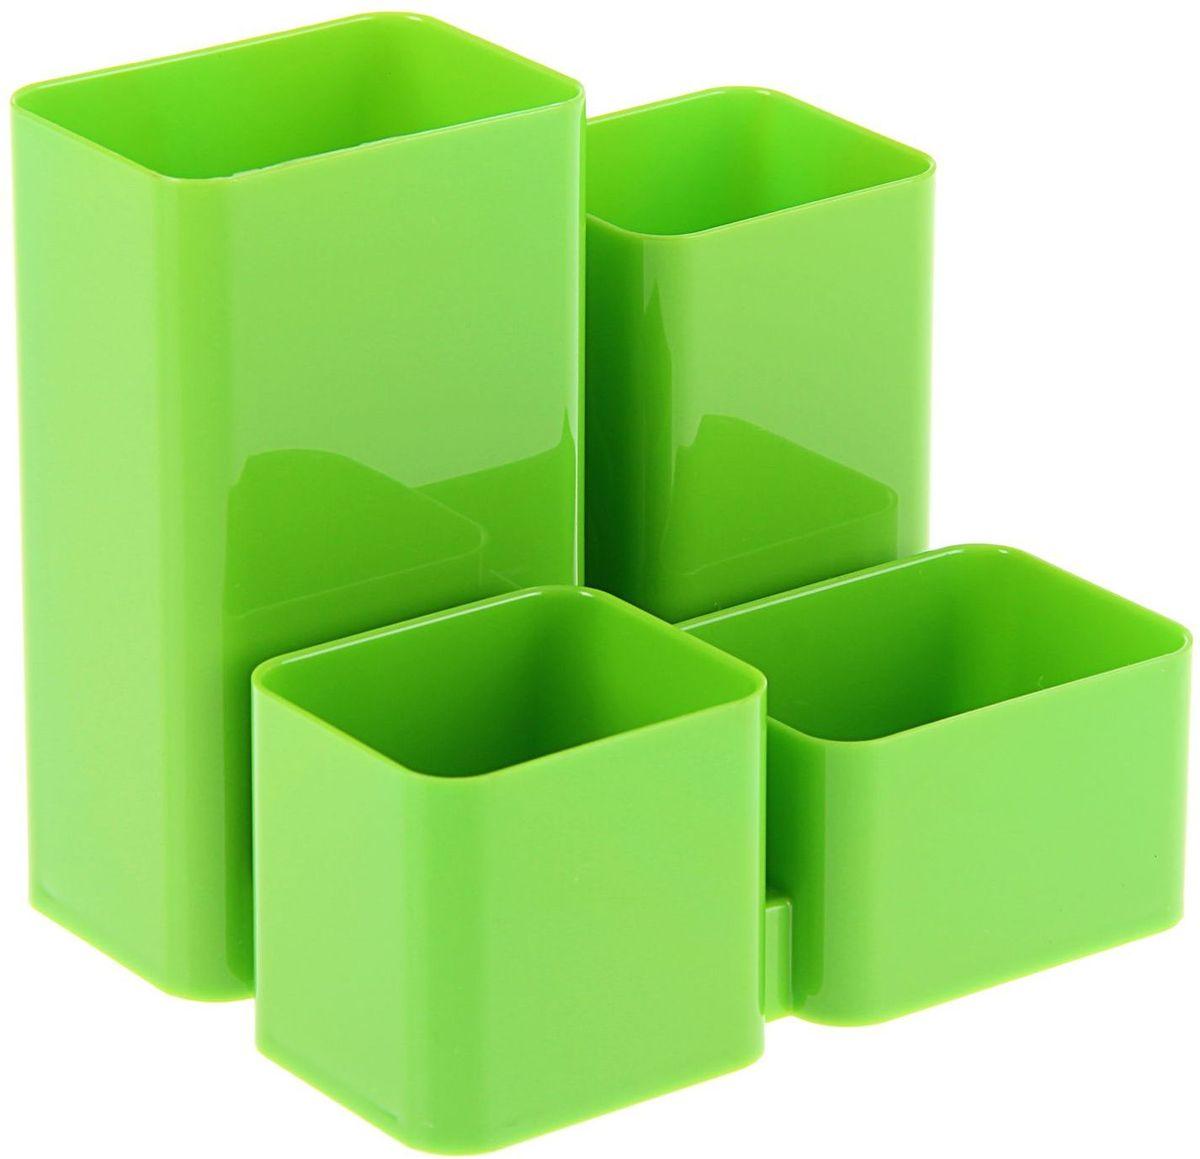 Стамм Органайзер настольный Юниор цвет зеленый96306СОрганайзер Юниор зеленый KIWI ОР310 – простая и практичная вещь. Он очень быстро станет незаменимым жителем на рабочем столе. Множество отделений вместят в себя все самое необходимое, сэкономив тем самым ваше время, пространство на столе и деньги.